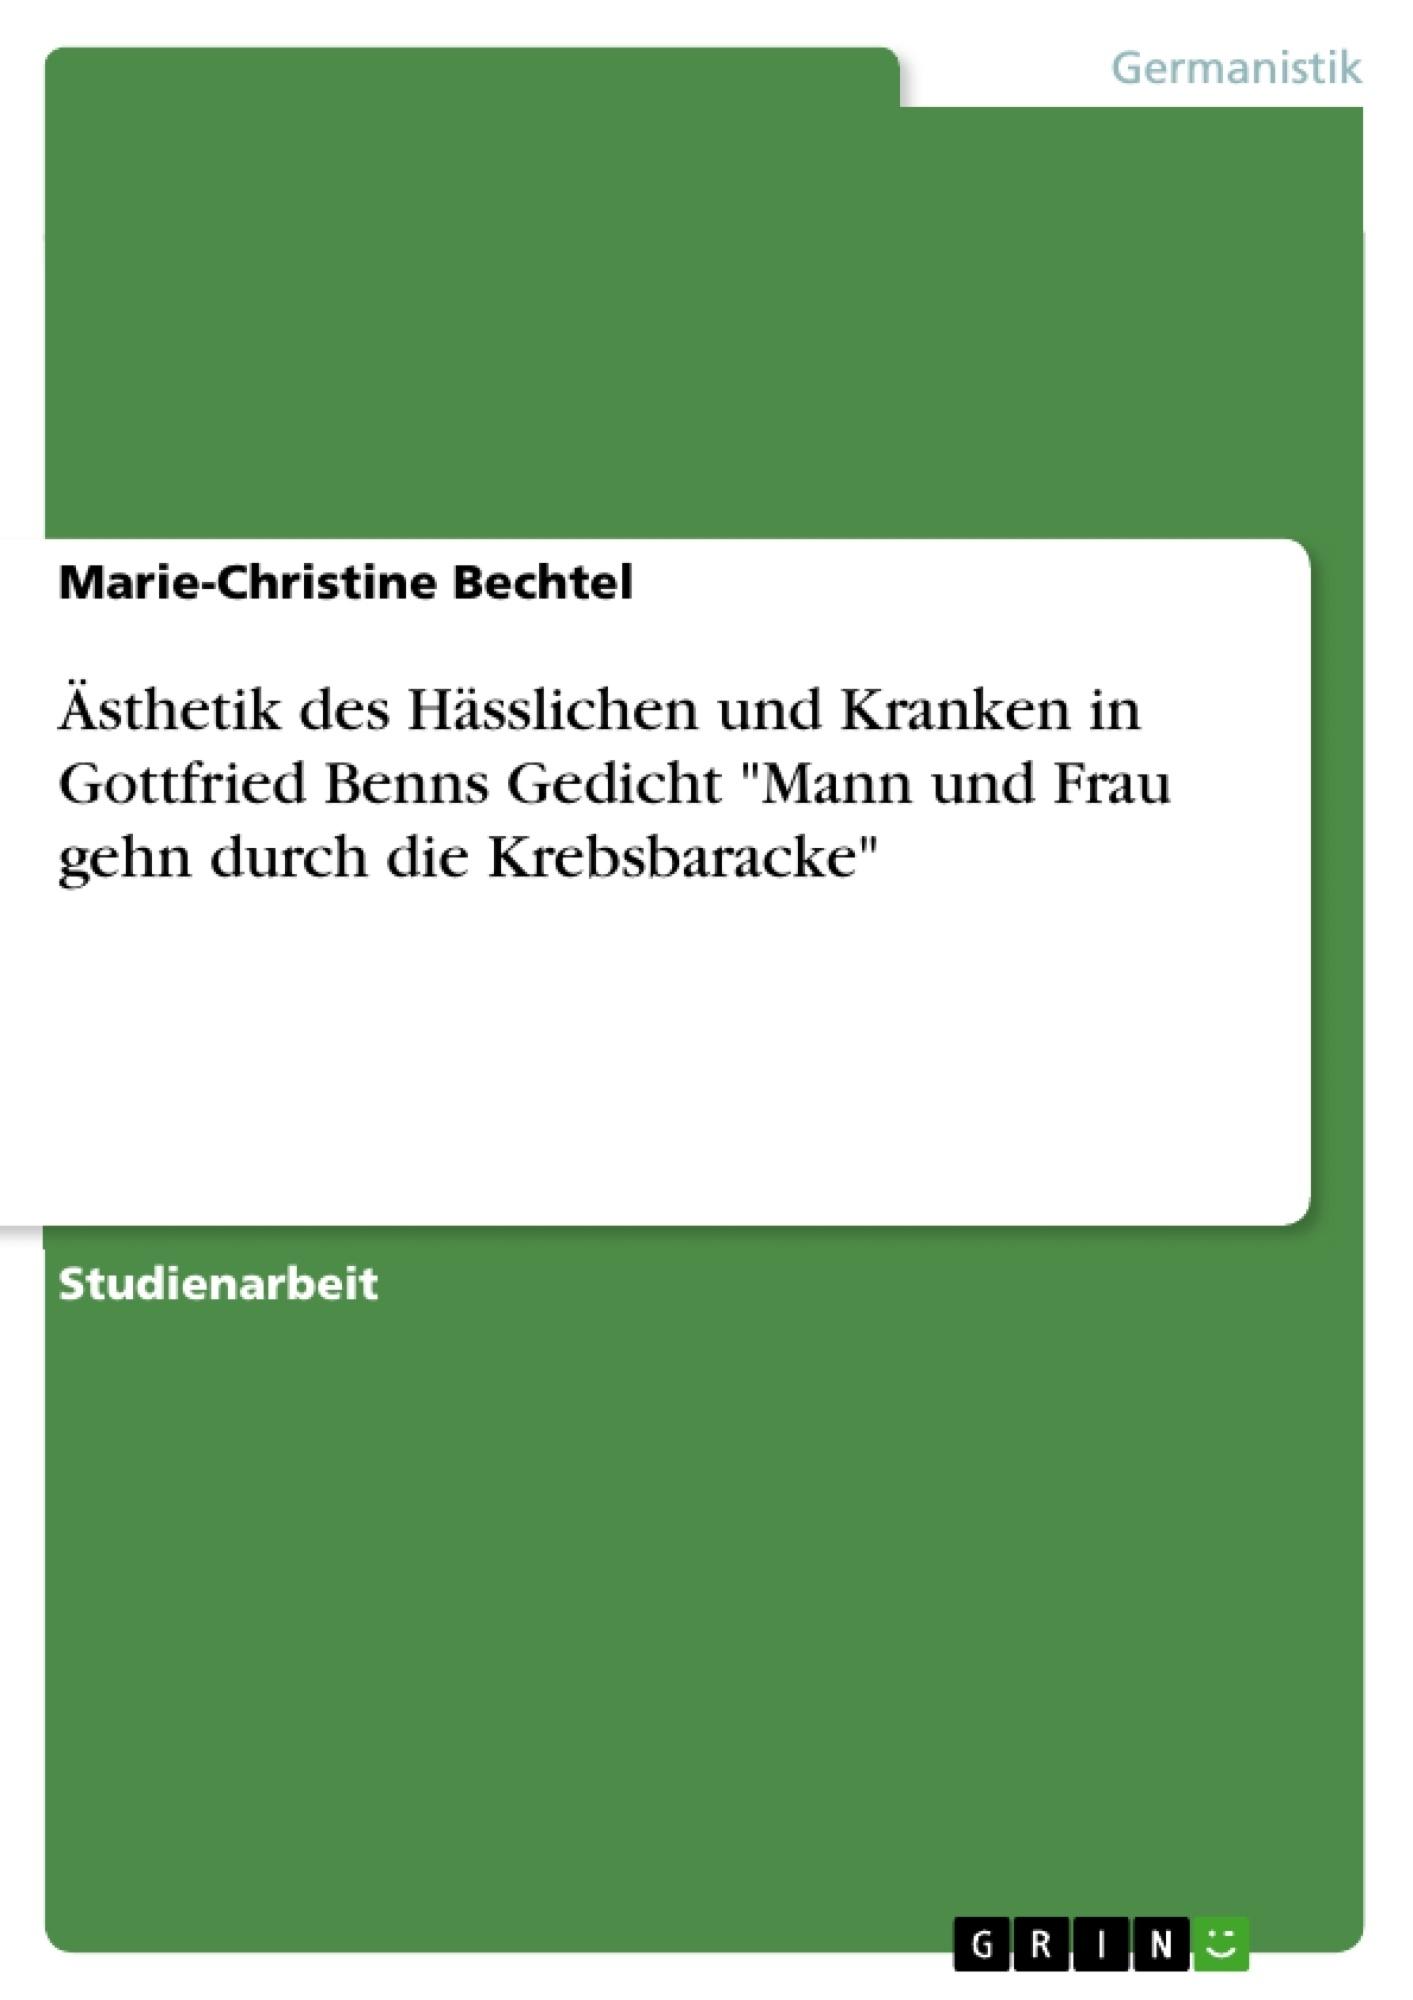 """Titel: Ästhetik des Hässlichen und Kranken in Gottfried Benns Gedicht """"Mann und Frau gehn durch die Krebsbaracke"""""""